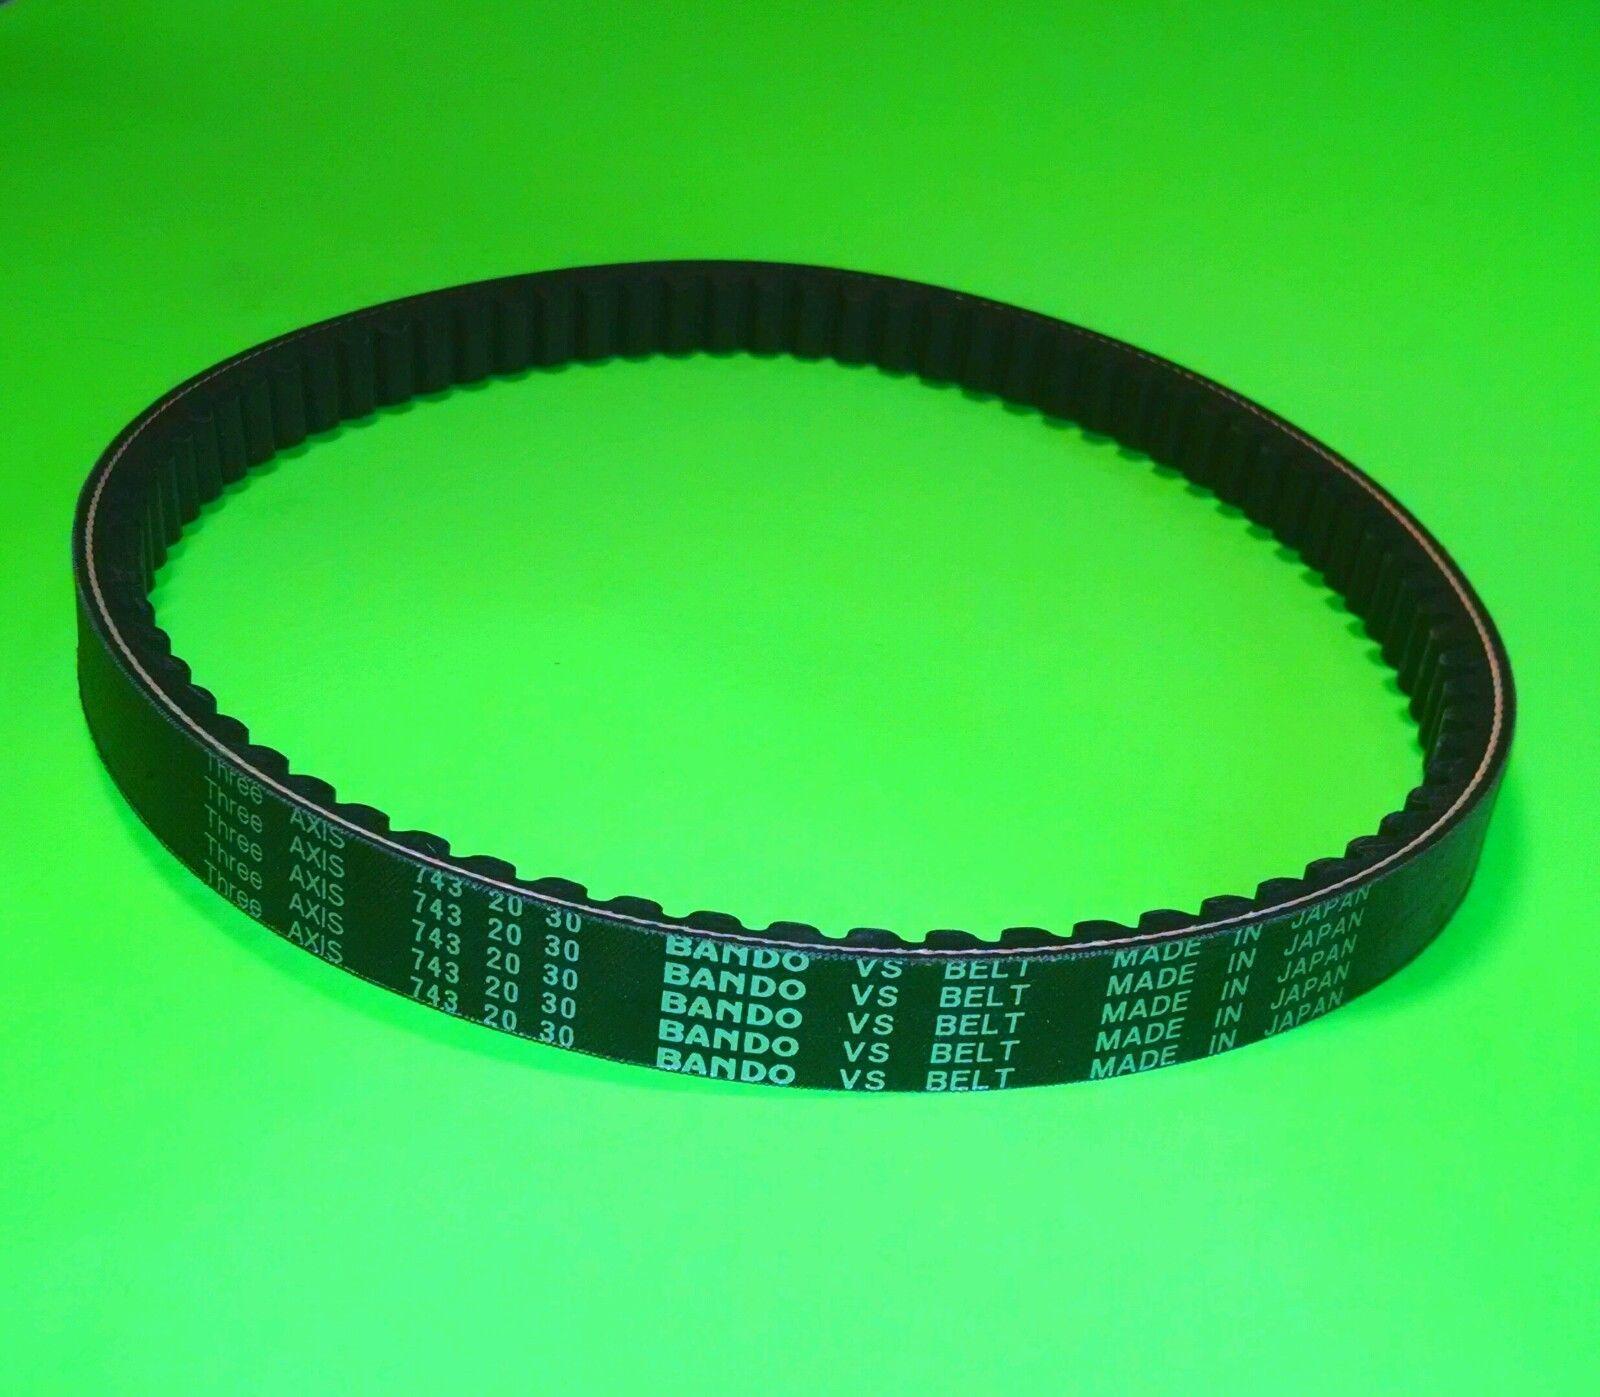 Eton 800266 OEM CVT Belt 743x20x30 E-Ton YUKON YXL-150 CXL